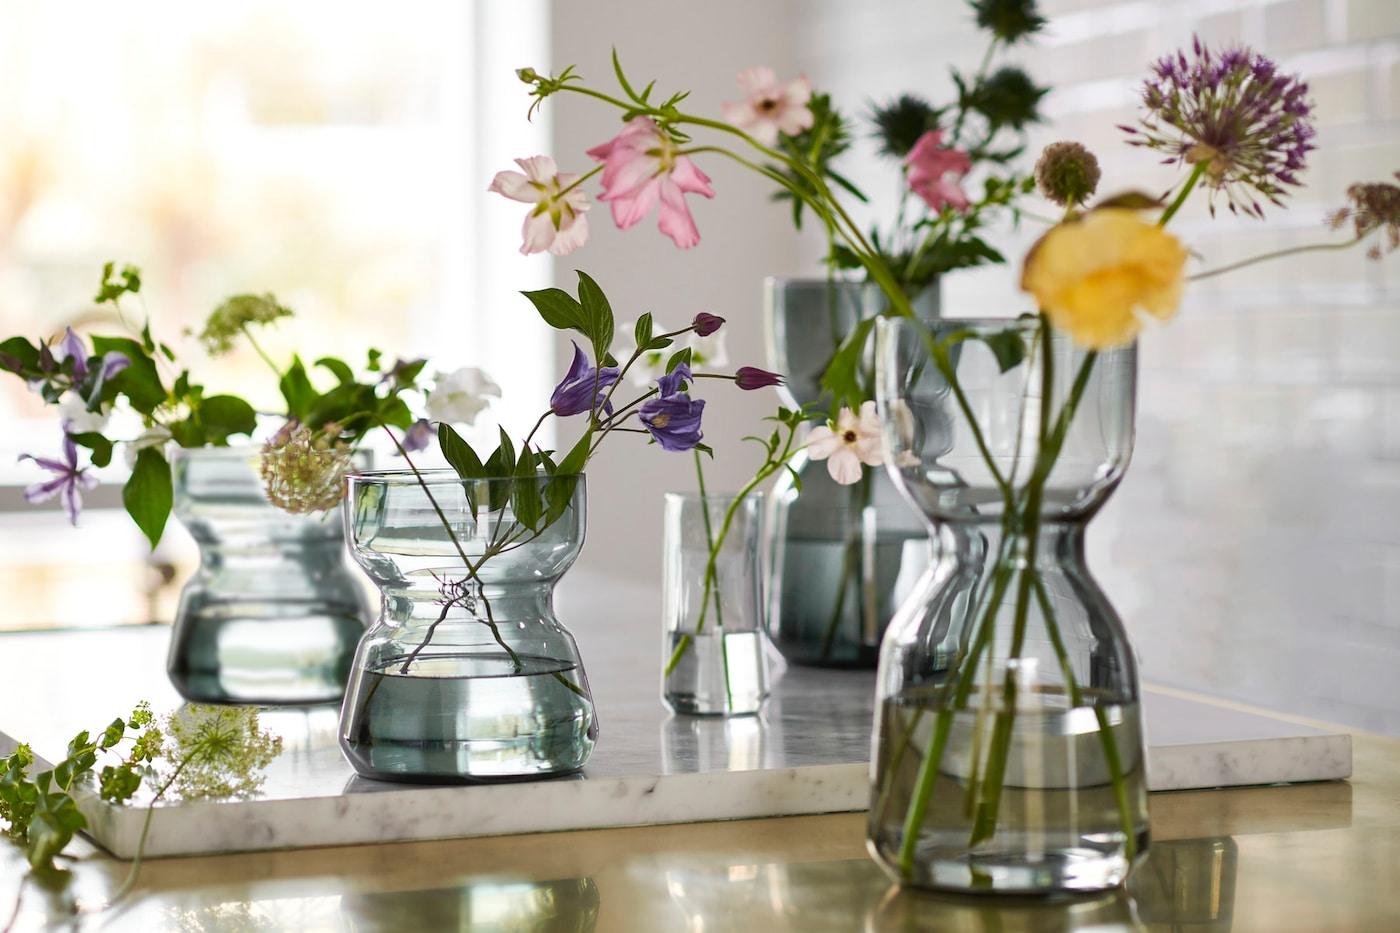 Verschiedene OMTÄNKSAM Vasen aus Klarglas, die mit frischen Blumen darin auf einer Arbeitsplatte stehen; alle zeichnen sich durch ihre charakteristische schmale Taille aus, durch die sich die Vasen gut greifen lassen